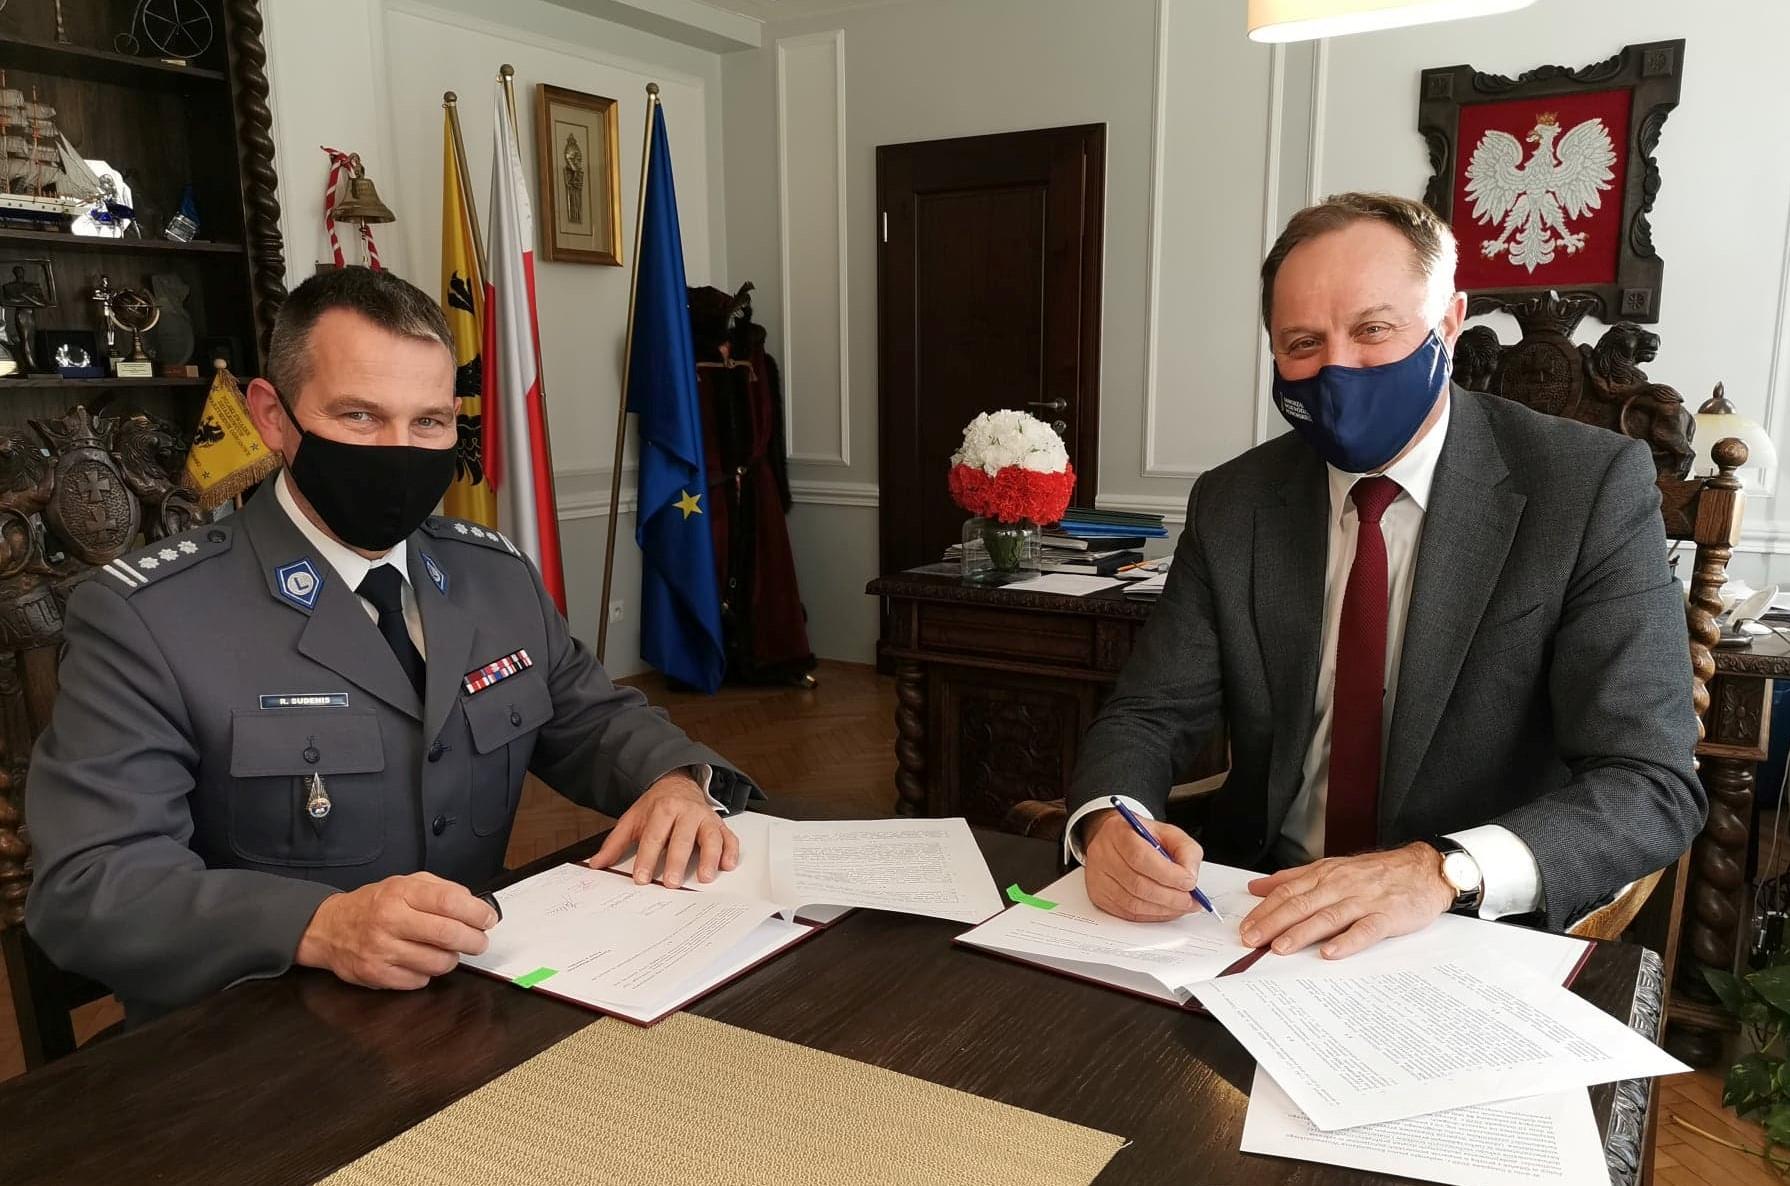 Będzie bezpieczniej na pomorskich drogach. Samorząd województwa przekaże policji 86 tys. zł